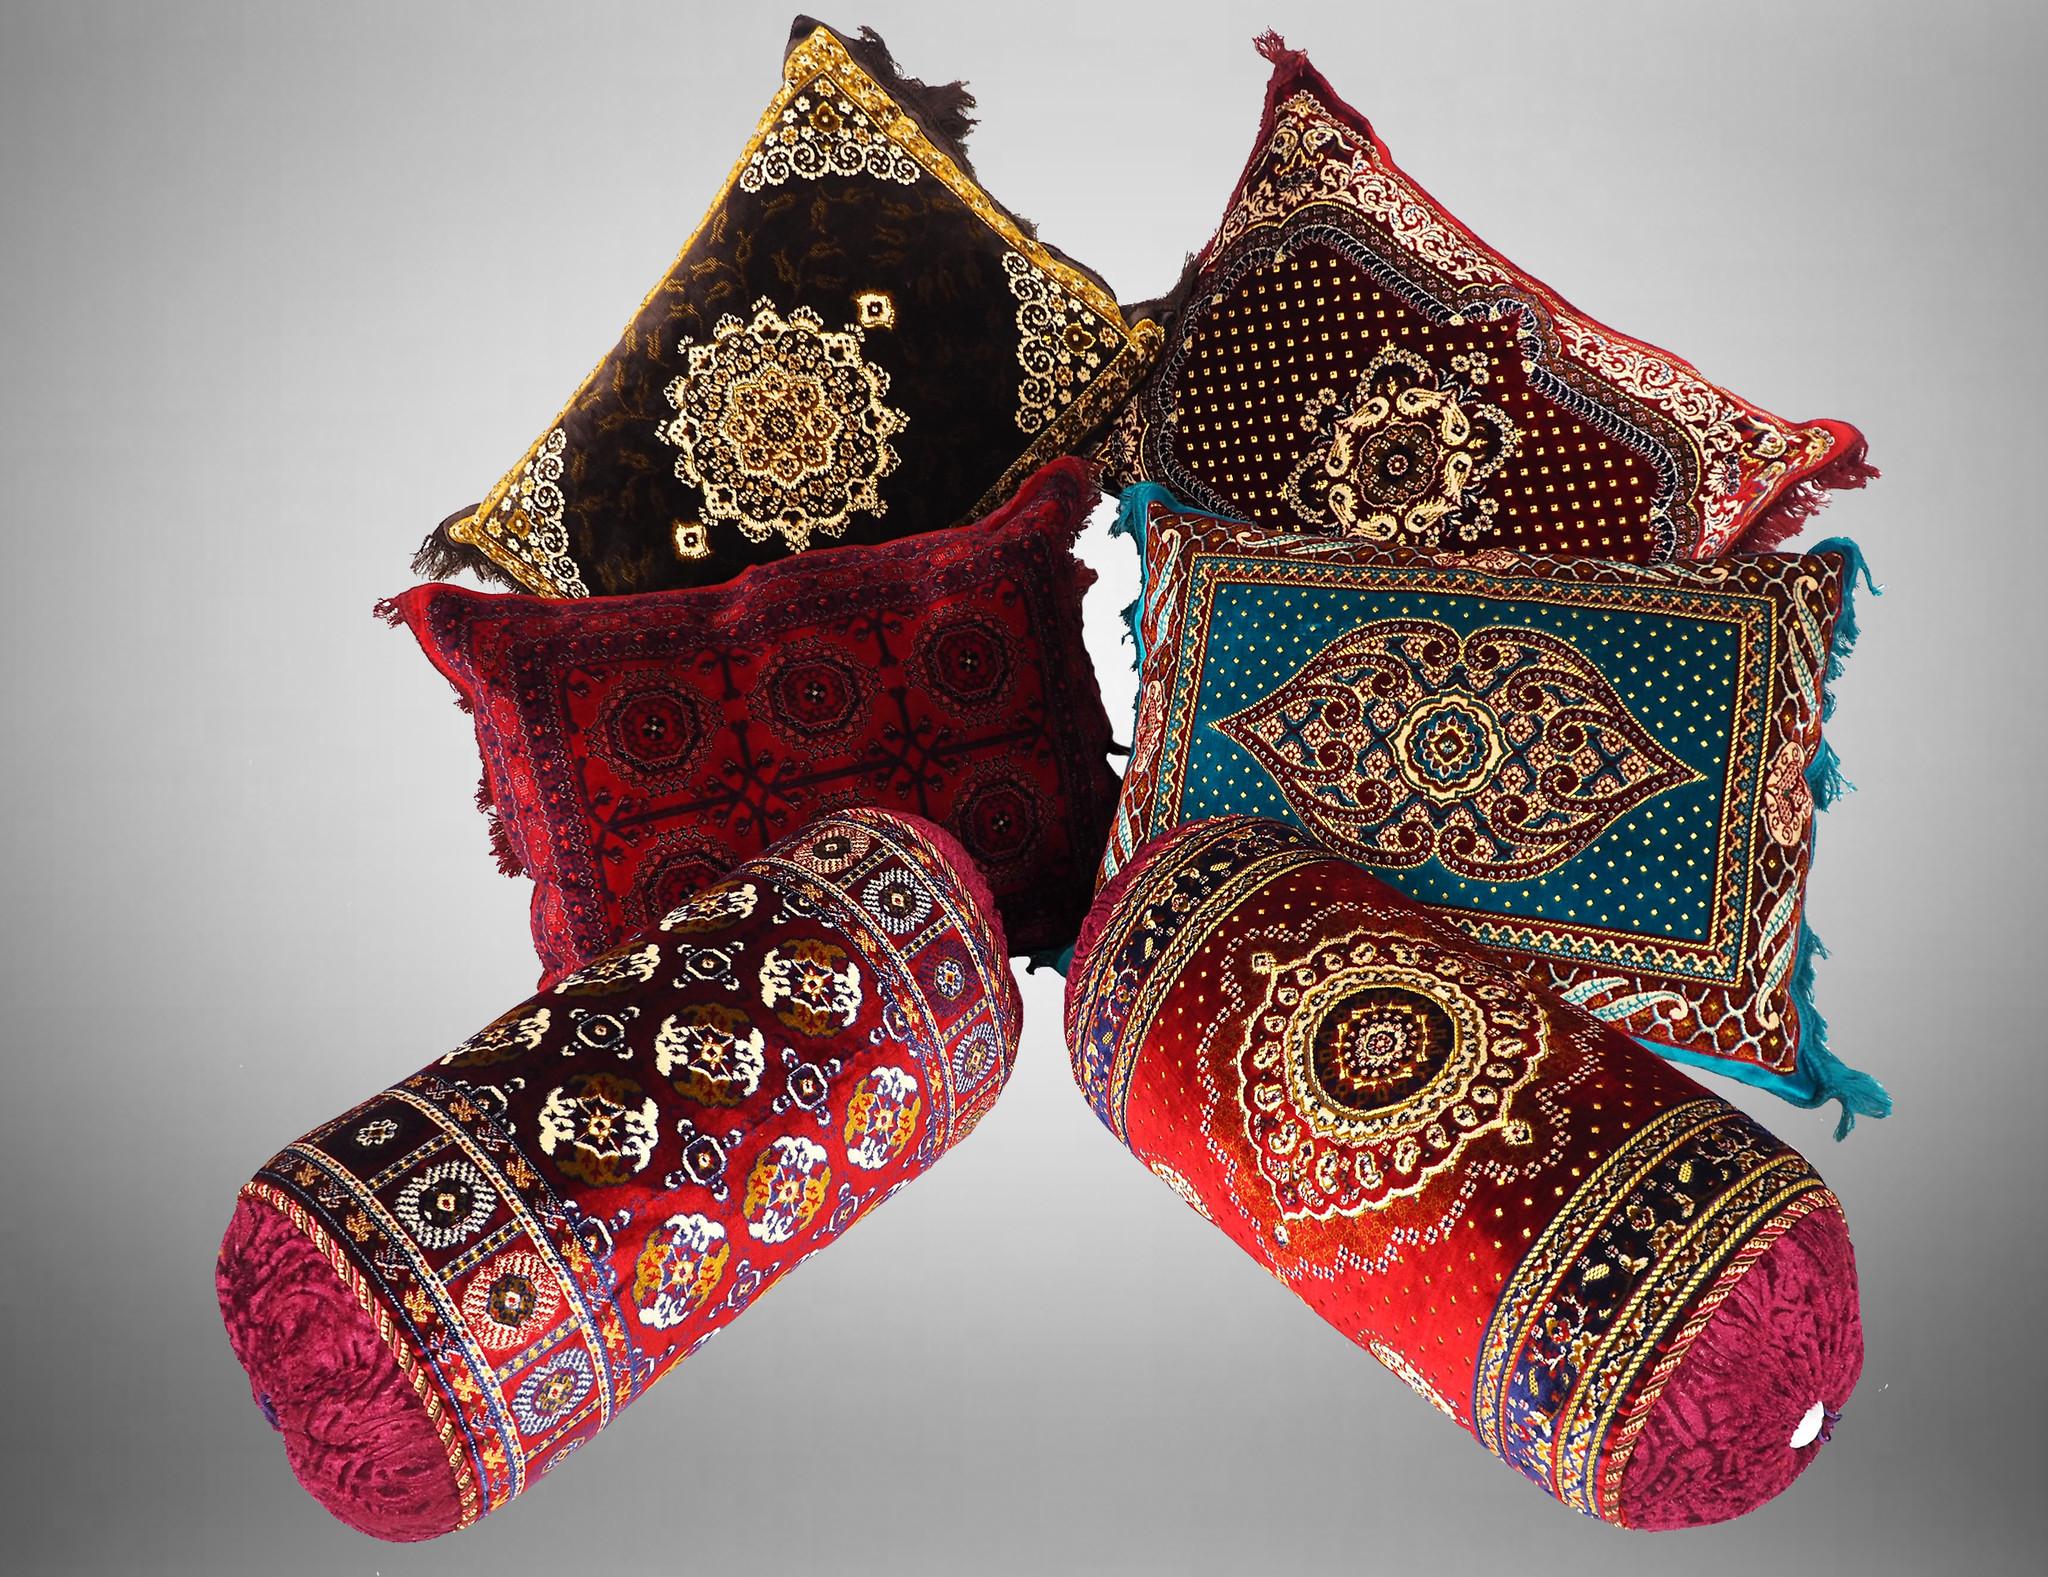 80x58 cm orient samtweiche Afghan Teppich nomaden sitzkissen bodenkissen Turkmen cushion 1001-nacht preis pro Stück (Blau-21)